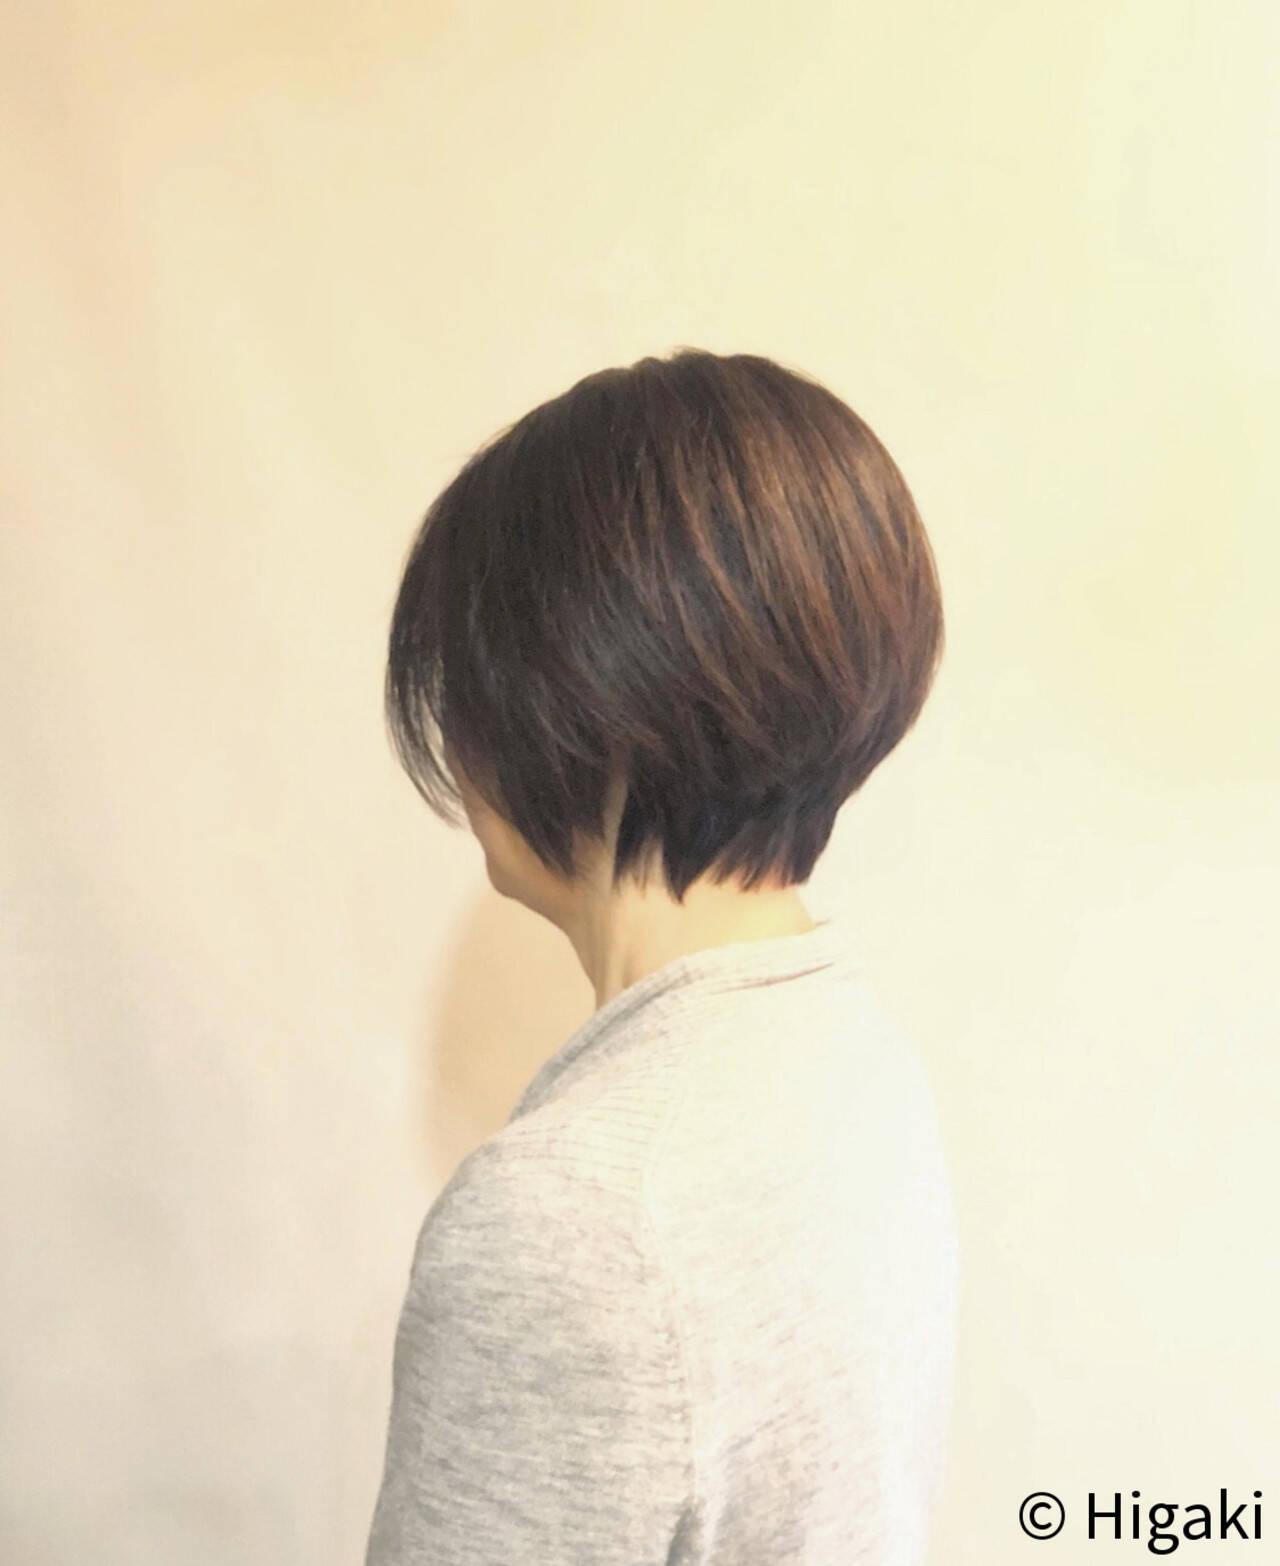 ショート シルバーグレイ ボーイッシュ シンプルヘアスタイルや髪型の写真・画像